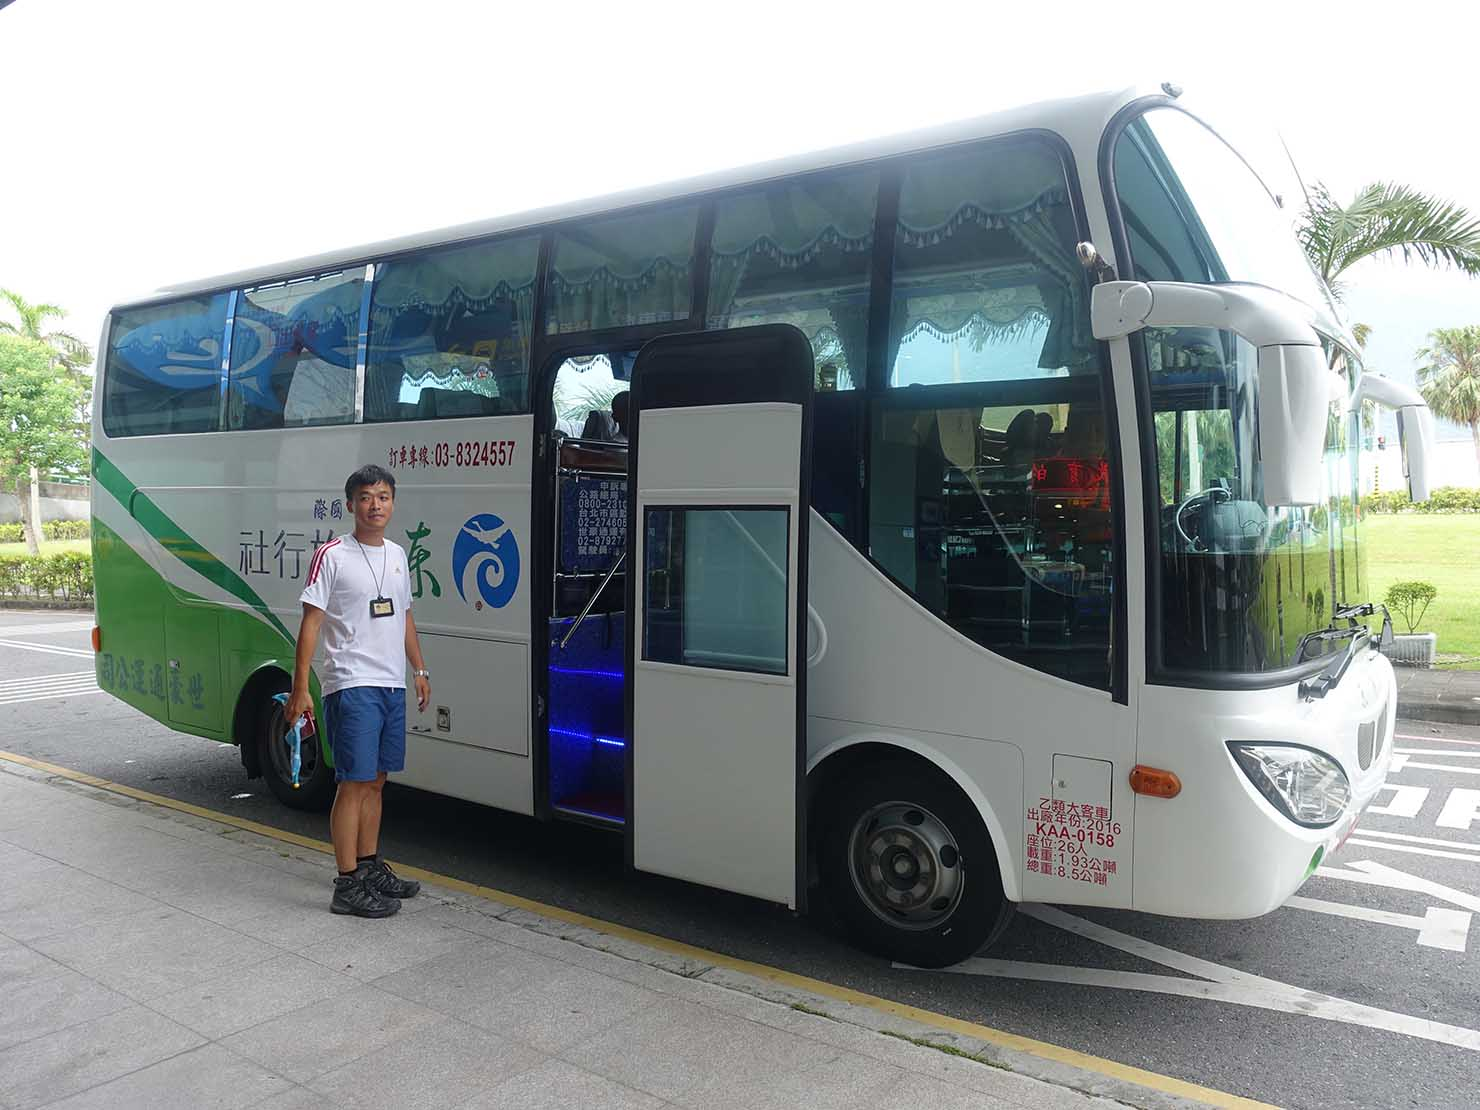 KKday外国人限定「花蓮・太魯閣(タロコ)日帰りツアー」のツアーバス